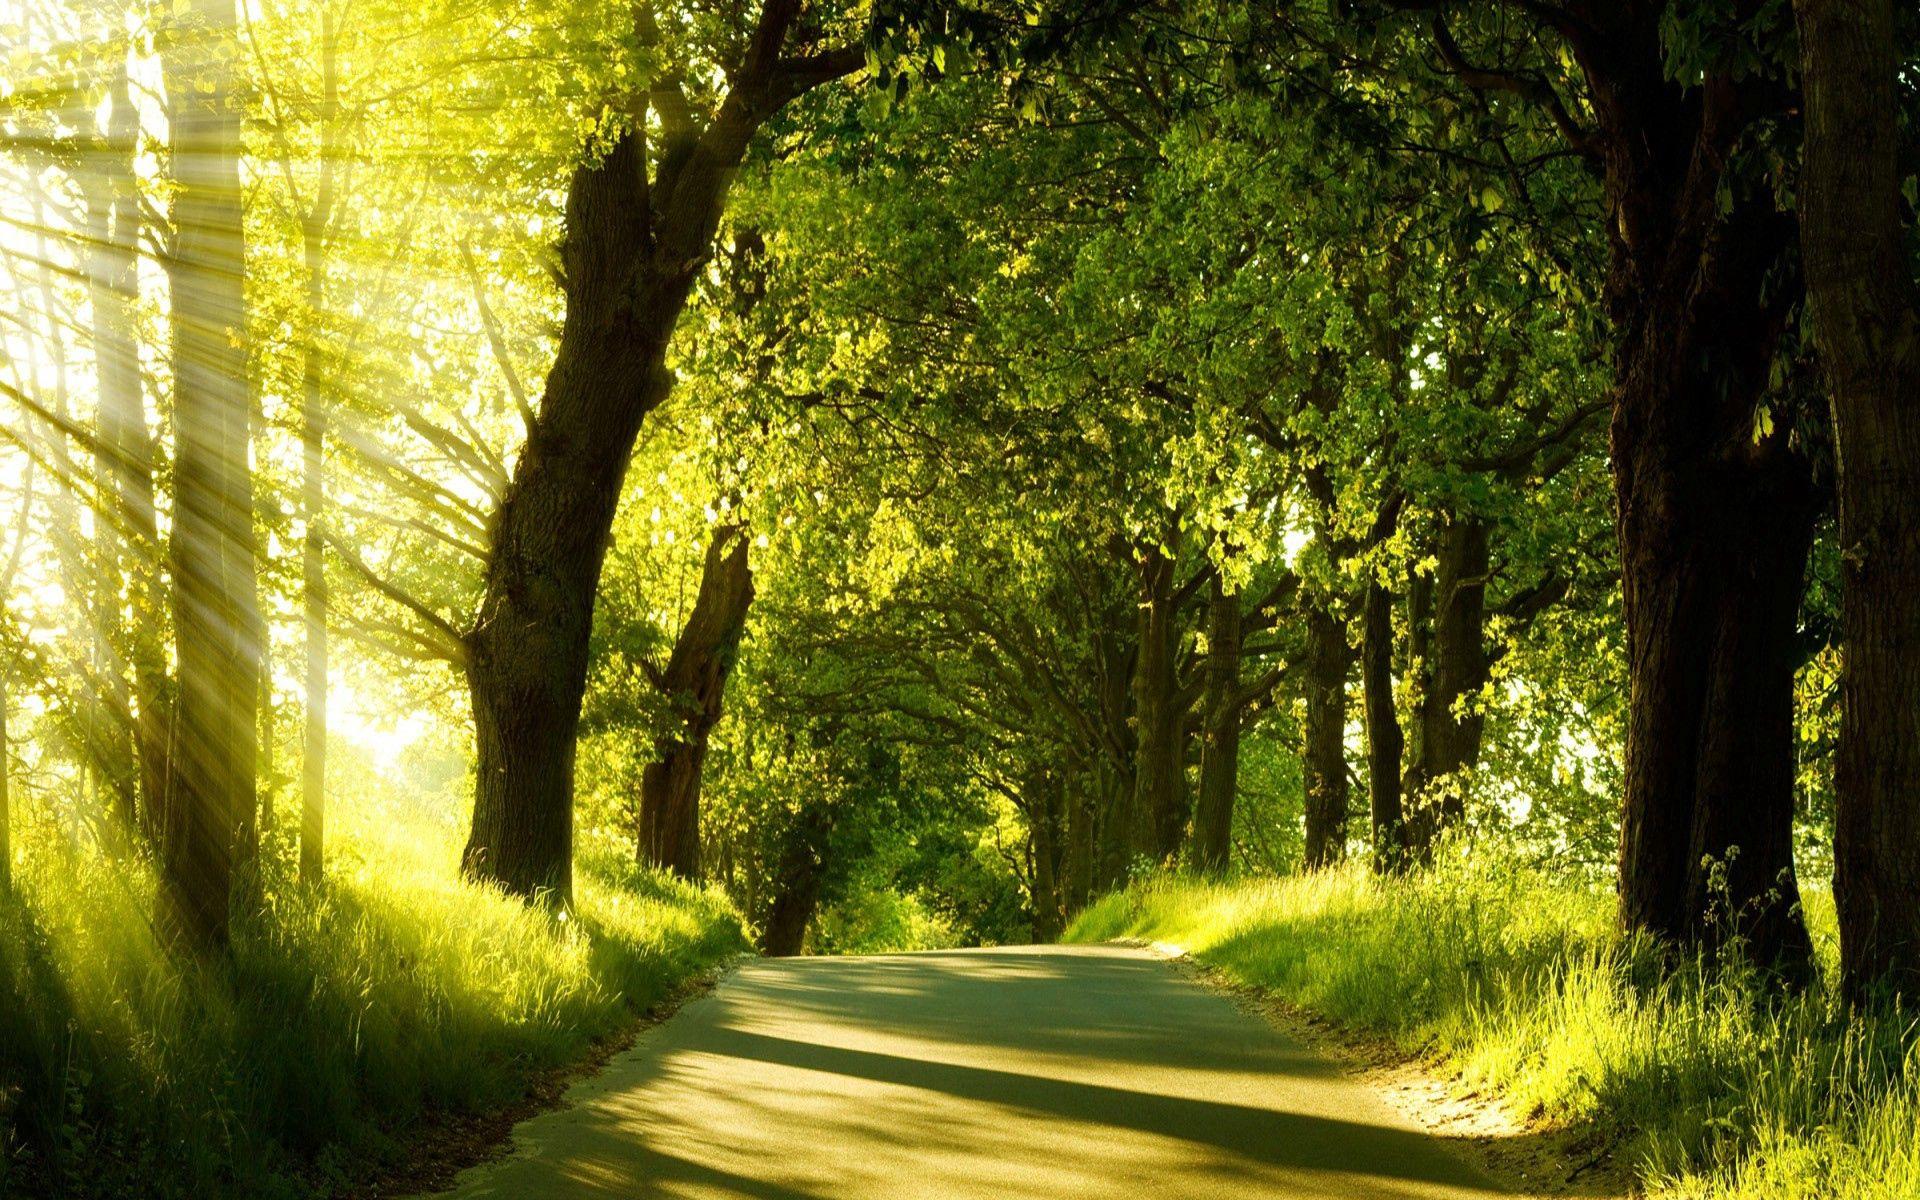 151738壁紙のダウンロード自然, 道路, 道, 木, 日光, ビーム, 光線, グリーンズ, 菜, 夏-スクリーンセーバーと写真を無料で